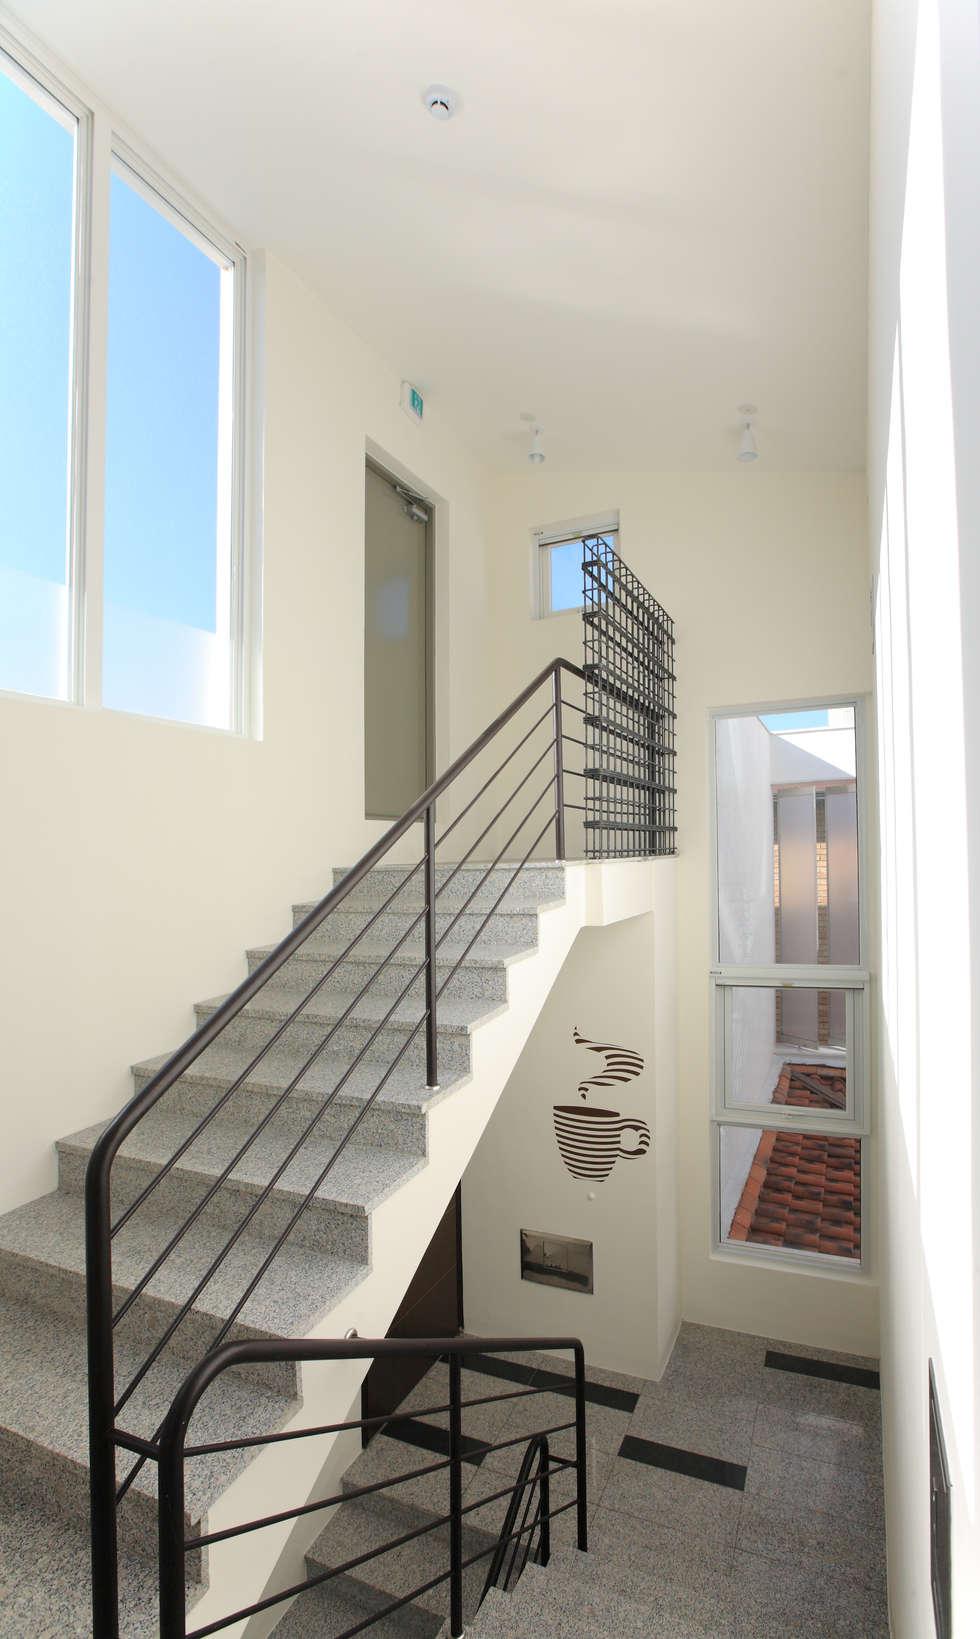 3층 계단실: 현앤전 건축사 사무소(HYUN AND JEON ARCHITECTURAL OFFICE )의  복도 & 현관